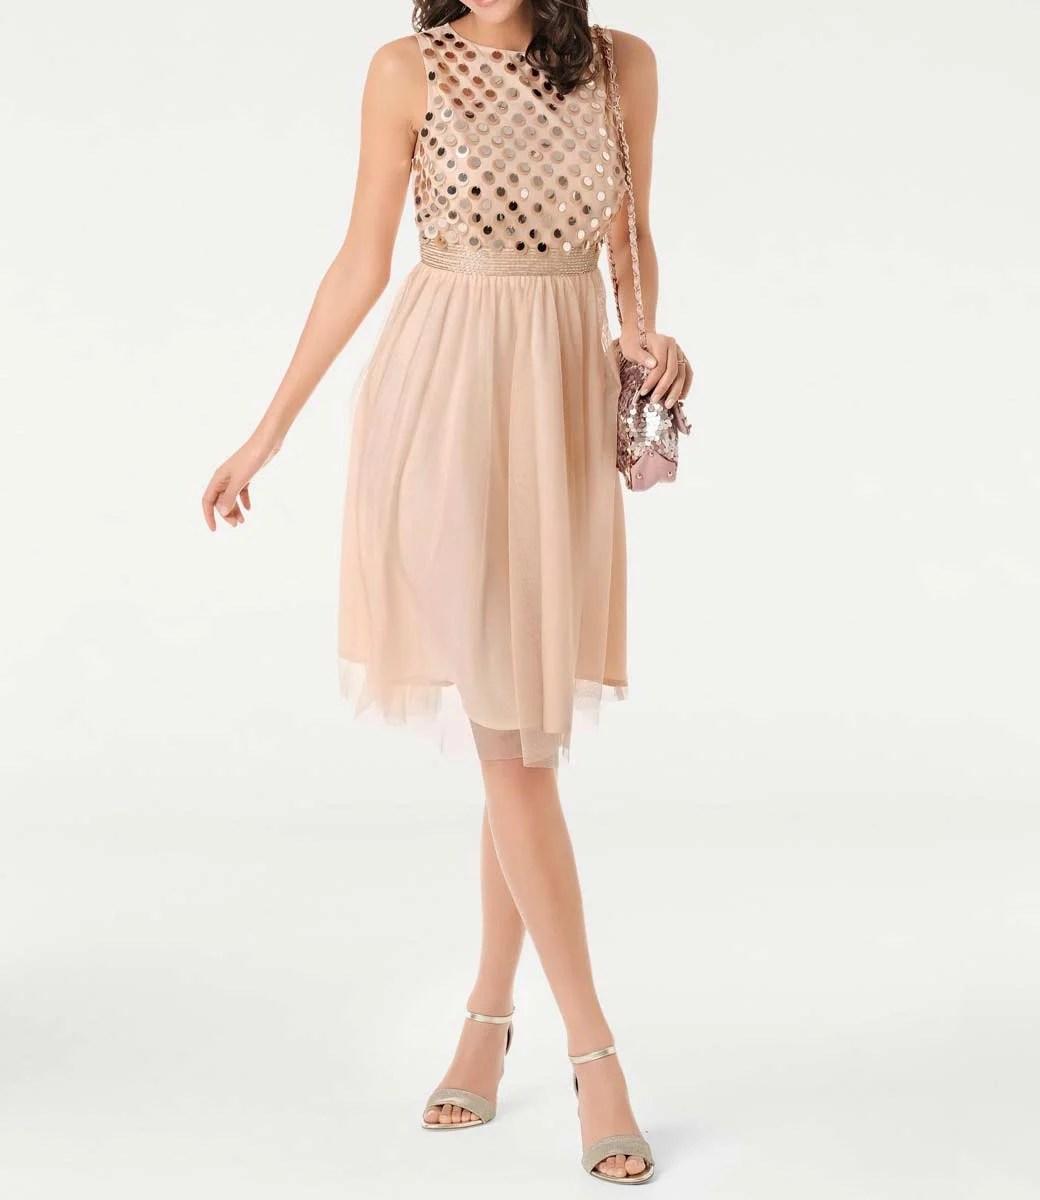 064.678 ASHLEY BROOKE Damen Designer-Cocktailkleid Apricot